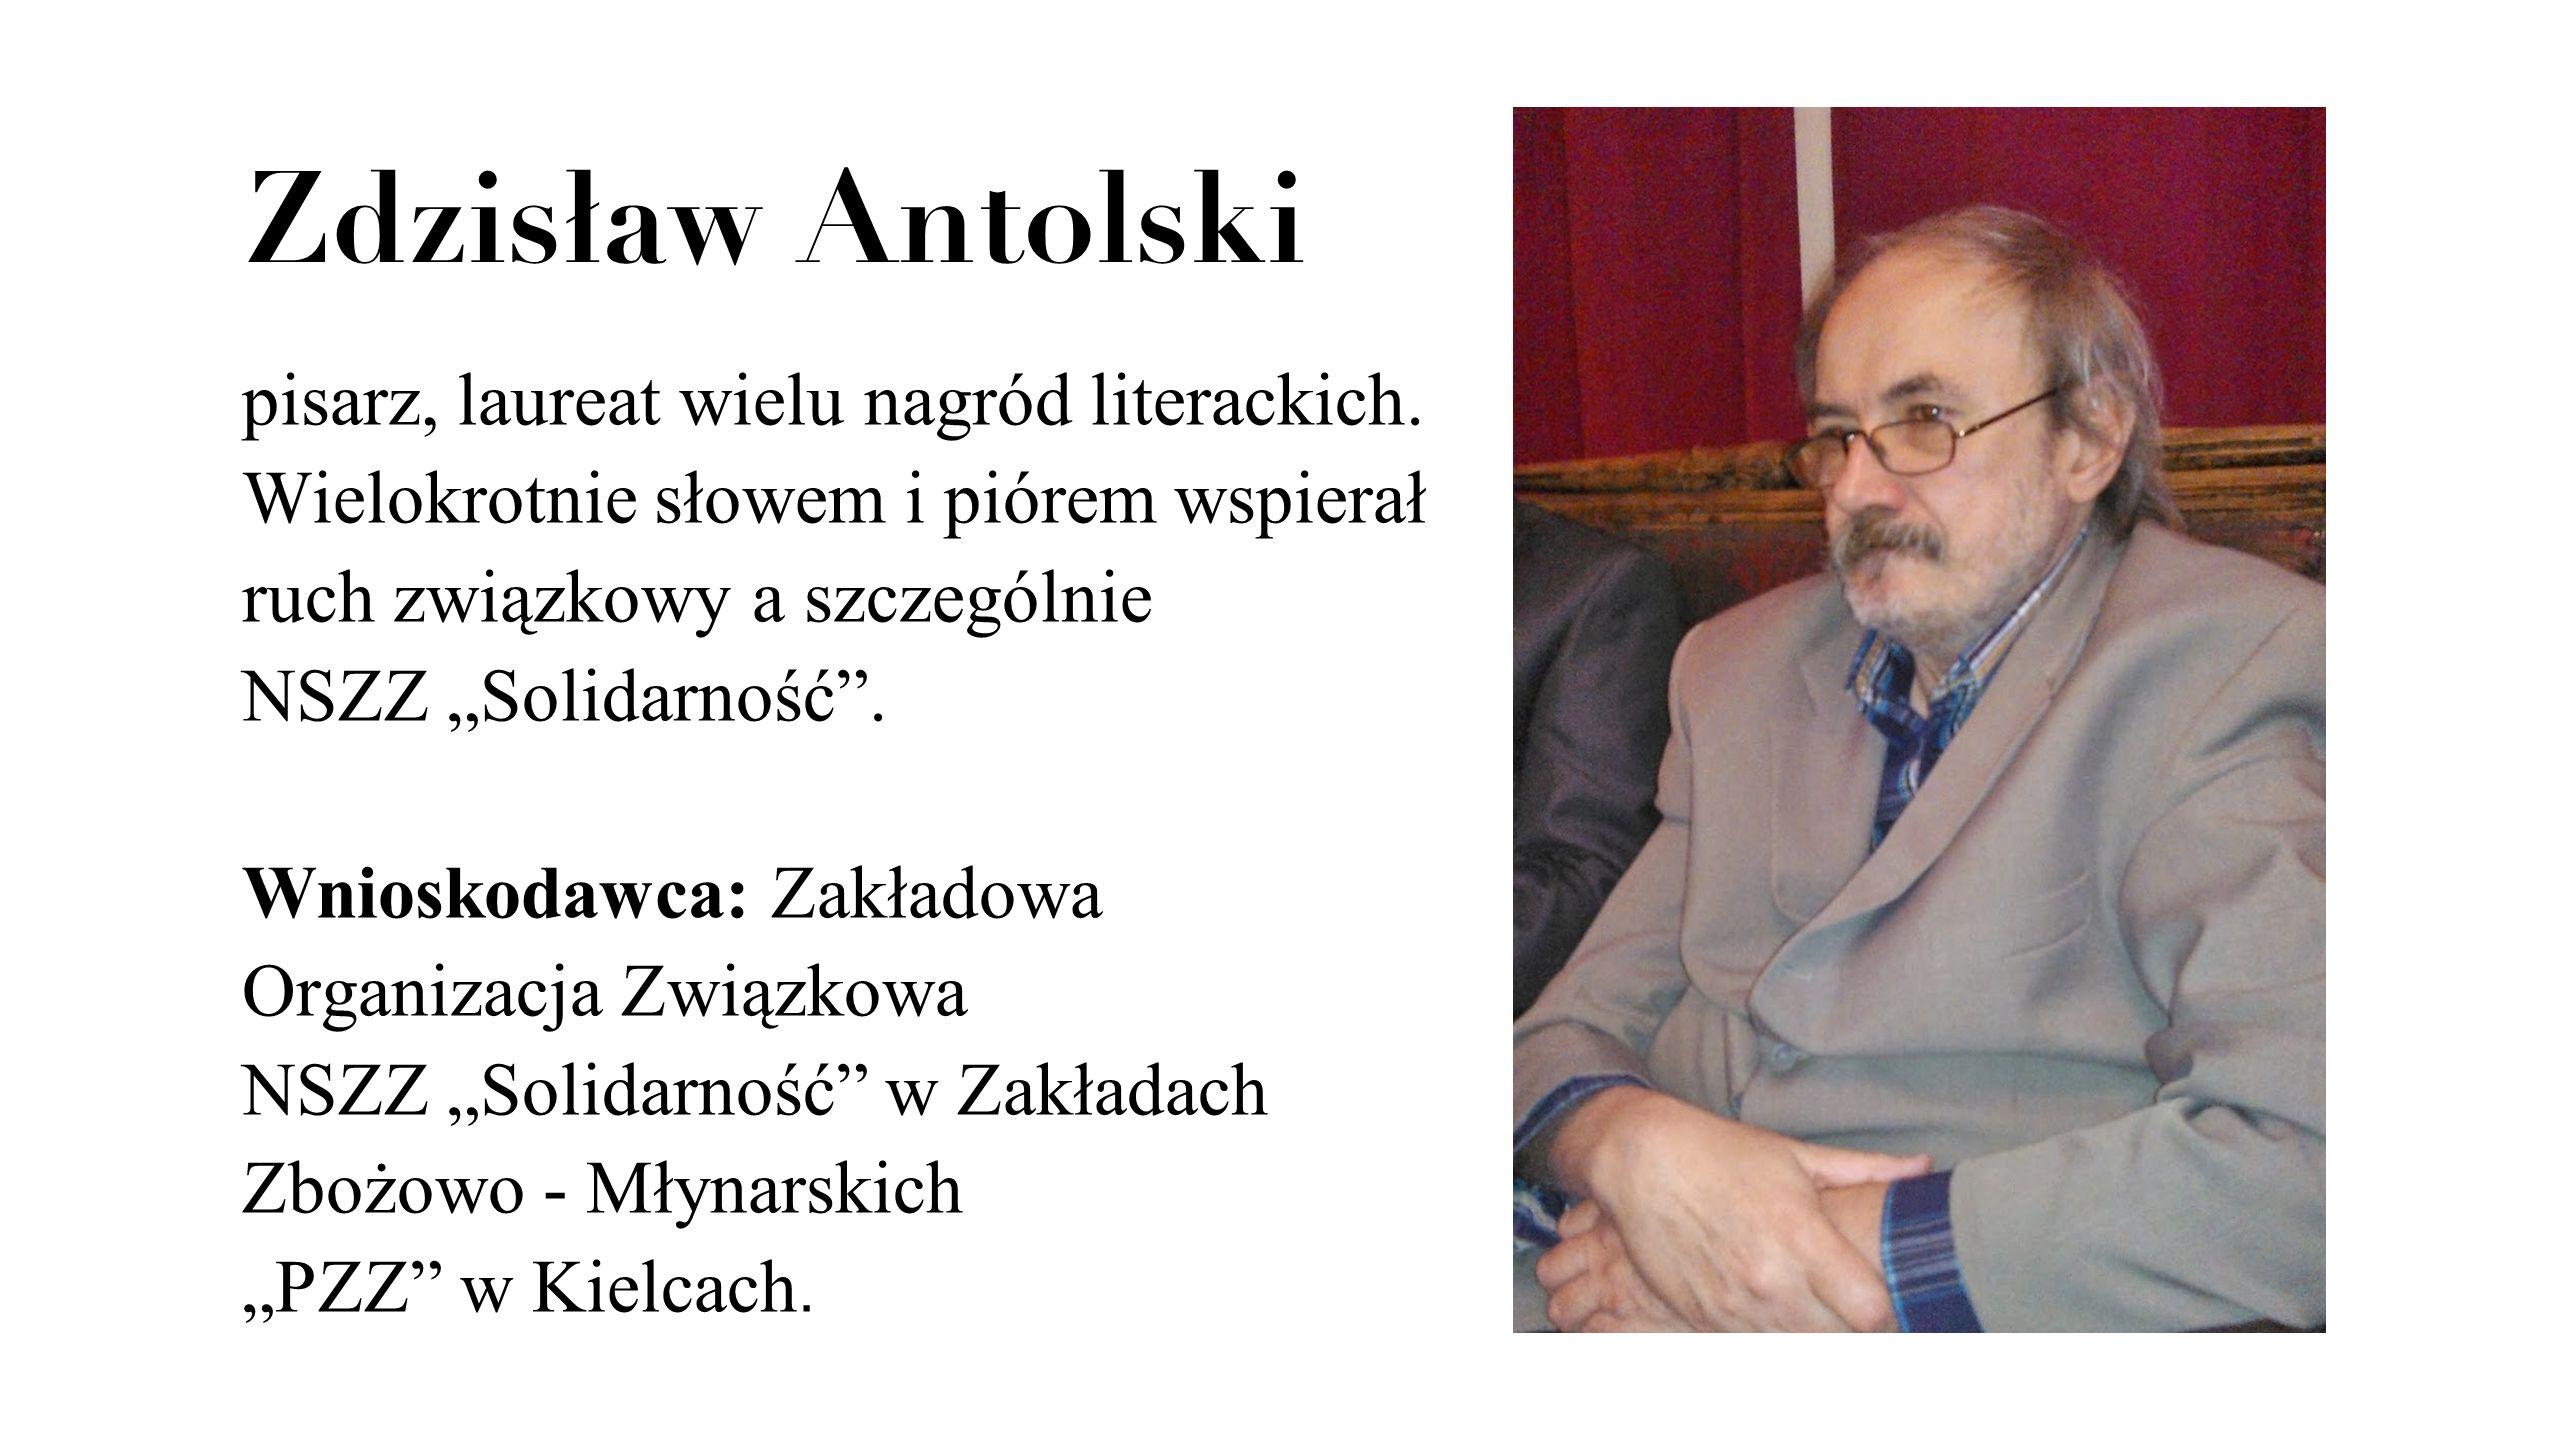 Krzysztof Błaszkiewicz śpiewak operowy (bas baryton) muzyk jazzowy i kontrabasista.